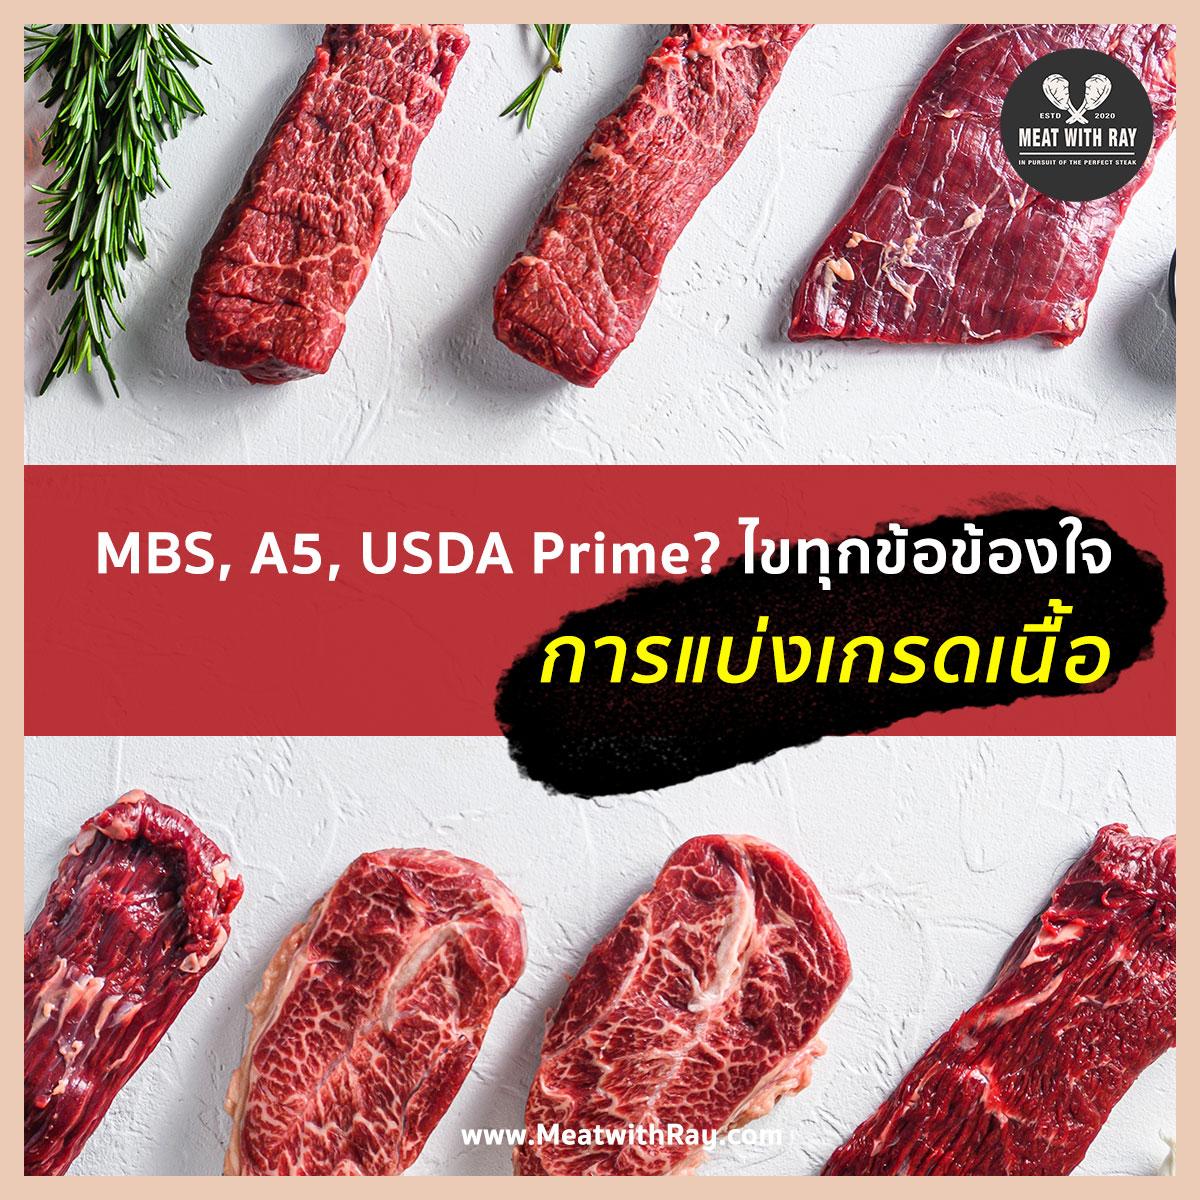 ไขทุกข้อข้องใจของการแบ่งเกรดเนื้อ   อ่านที่นี่: https://t.co/Djpzt4qNTM  #MeatwithRay #LittleSecretofAGreatSteak #Barbecue #Wagyu #Grill #Steak https://t.co/AAWb94Riil